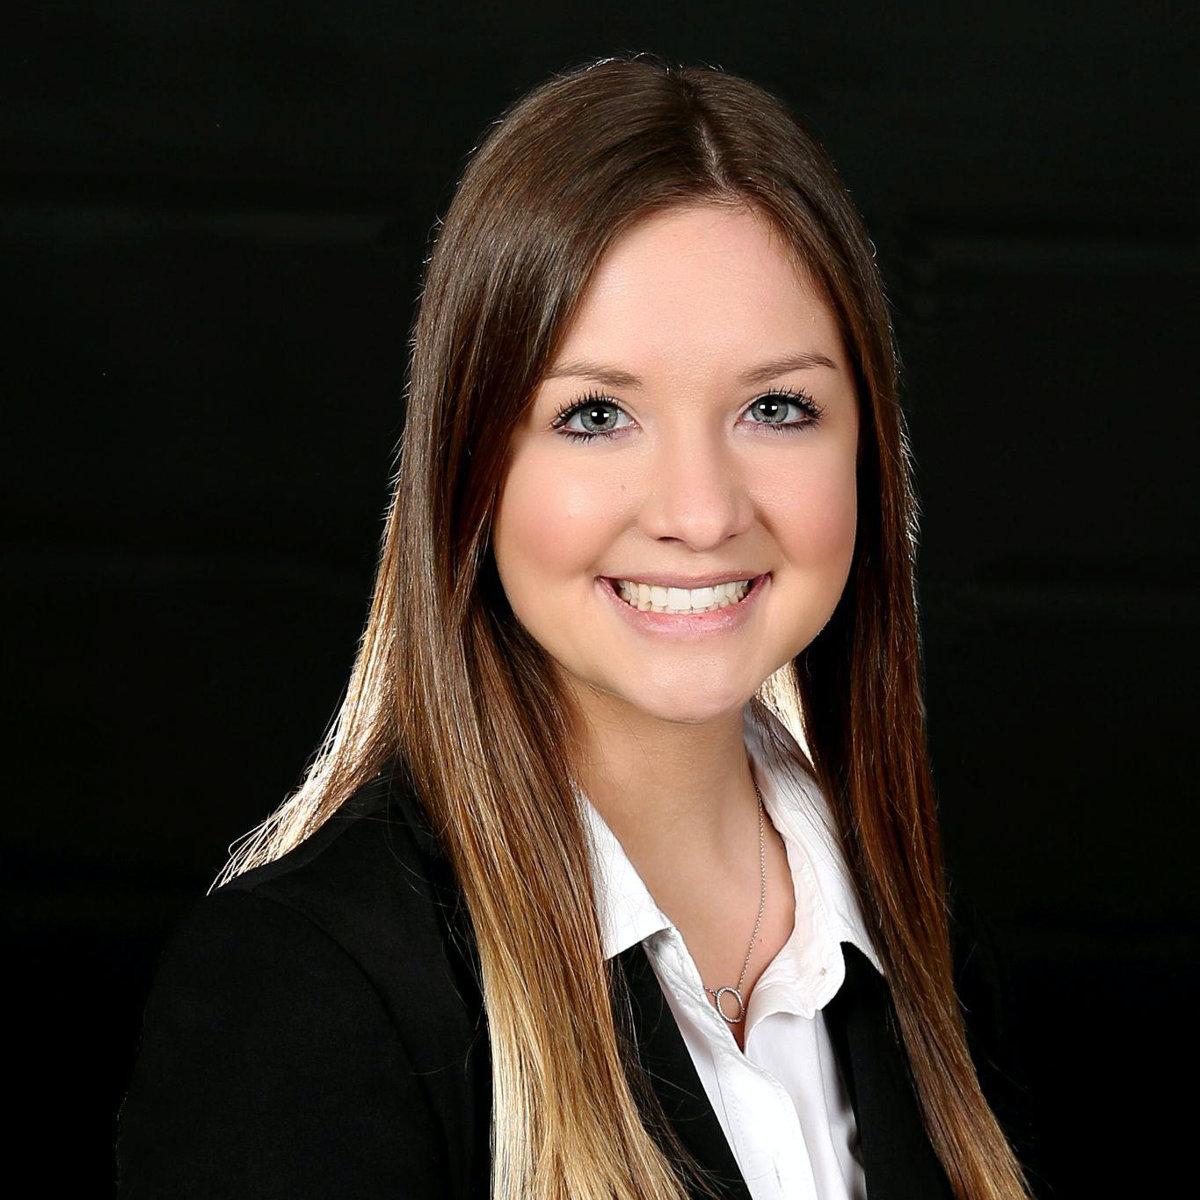 Brooke Bleser